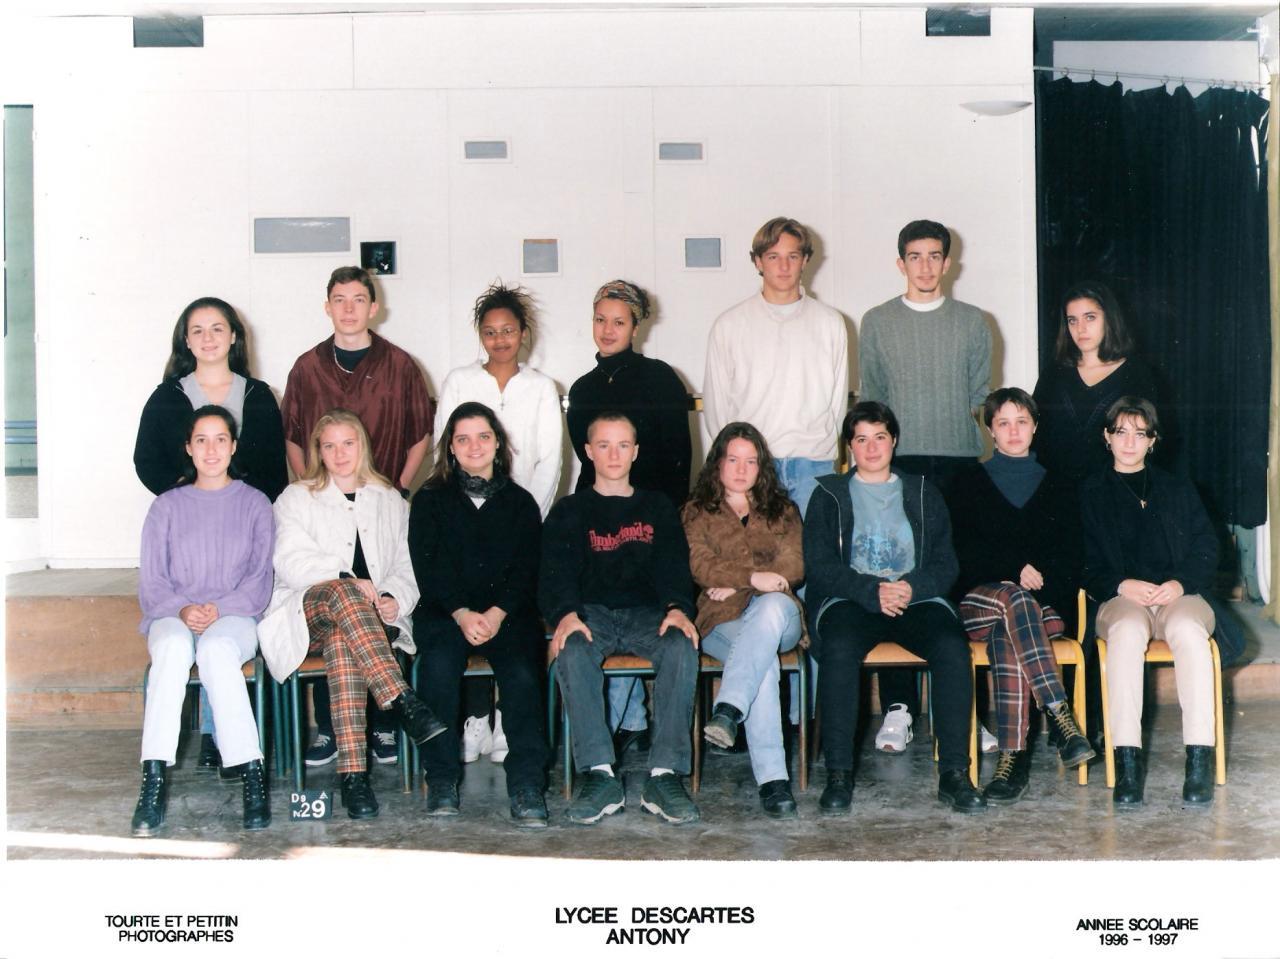 1997 - 1STT1 - TOURTE